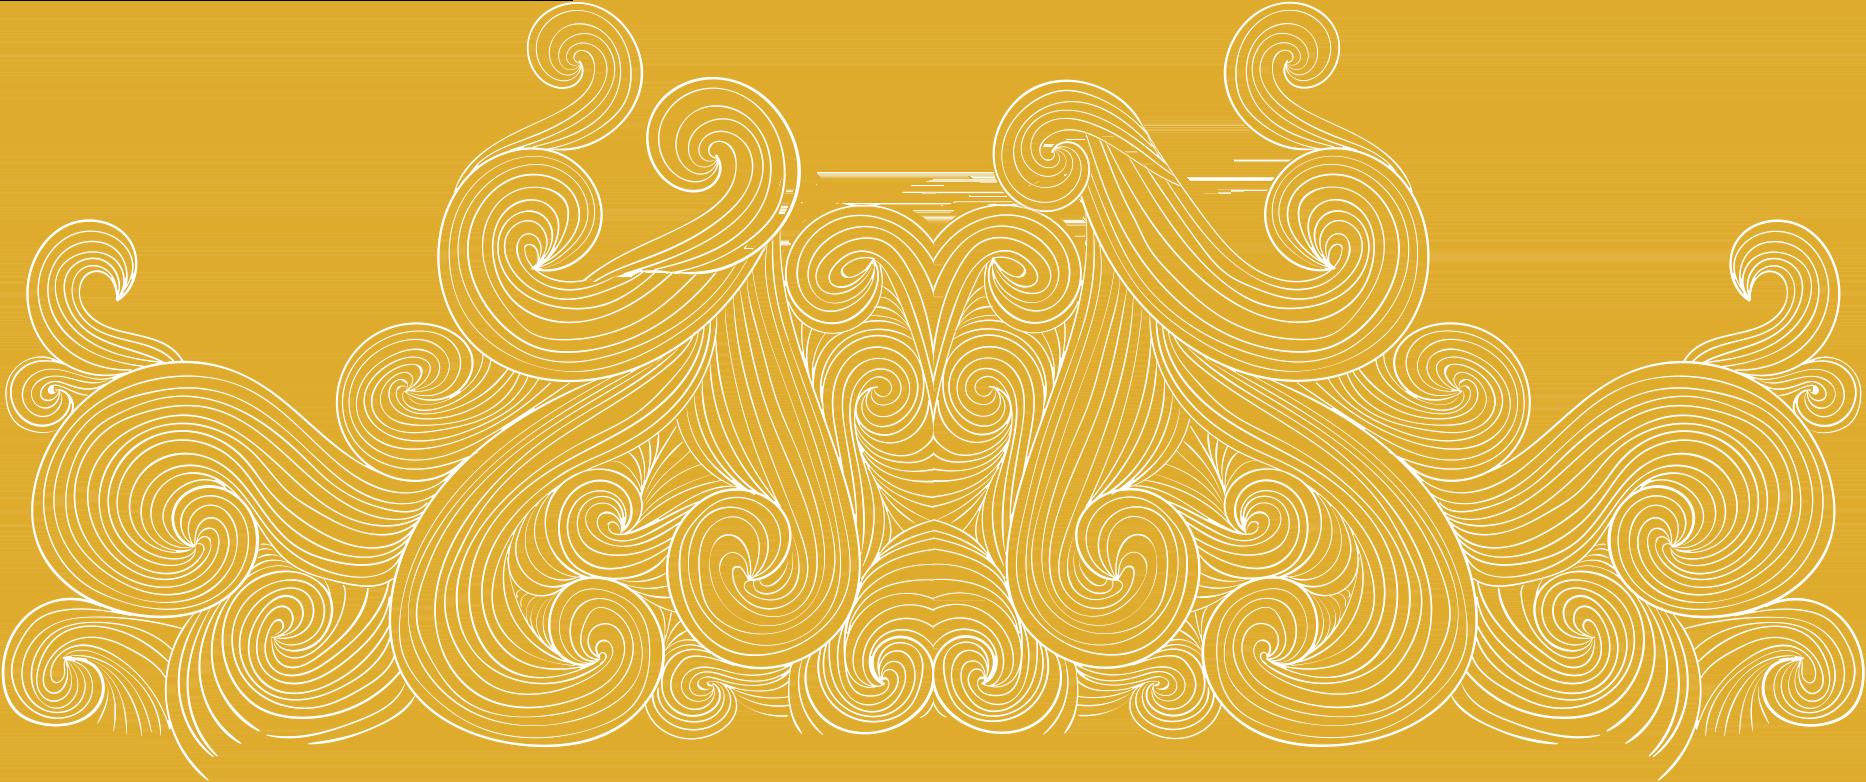 spirales-0